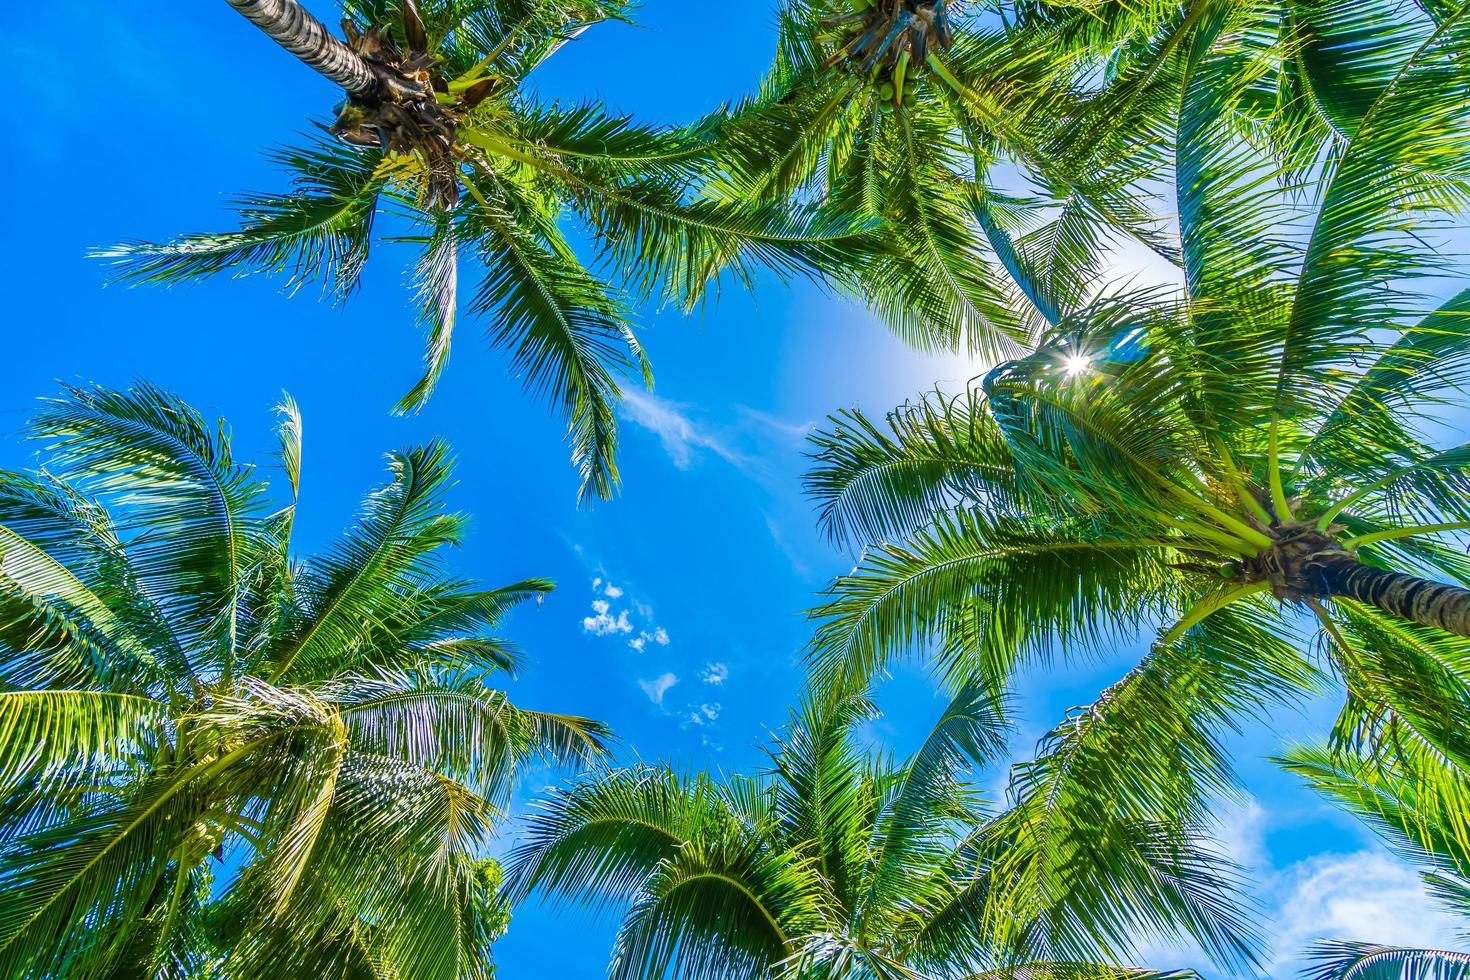 palmera de coco en el cielo azul foto